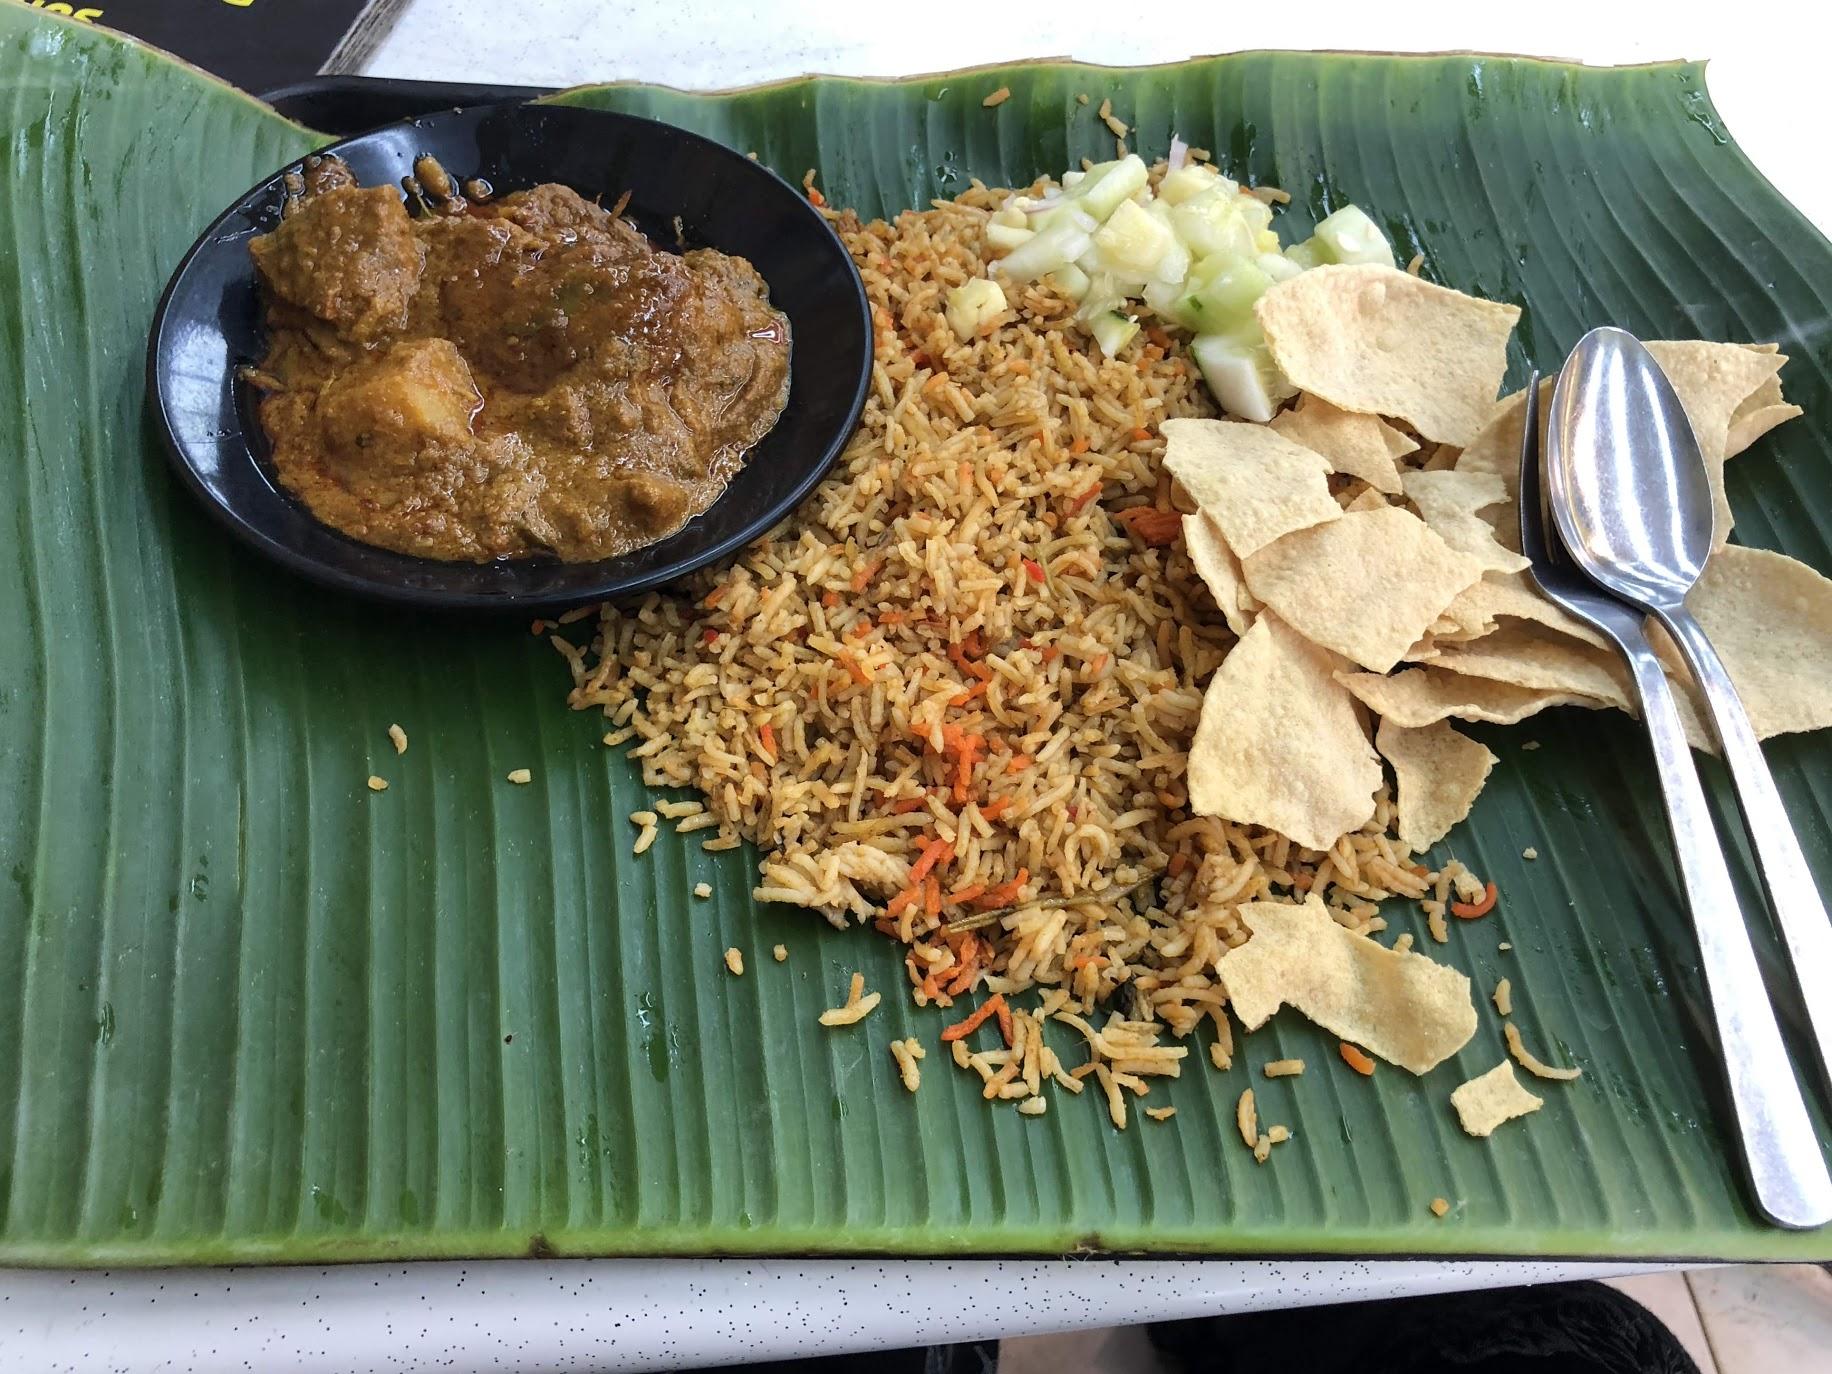 Un plato de comida india: cordero picante con arroz frito.